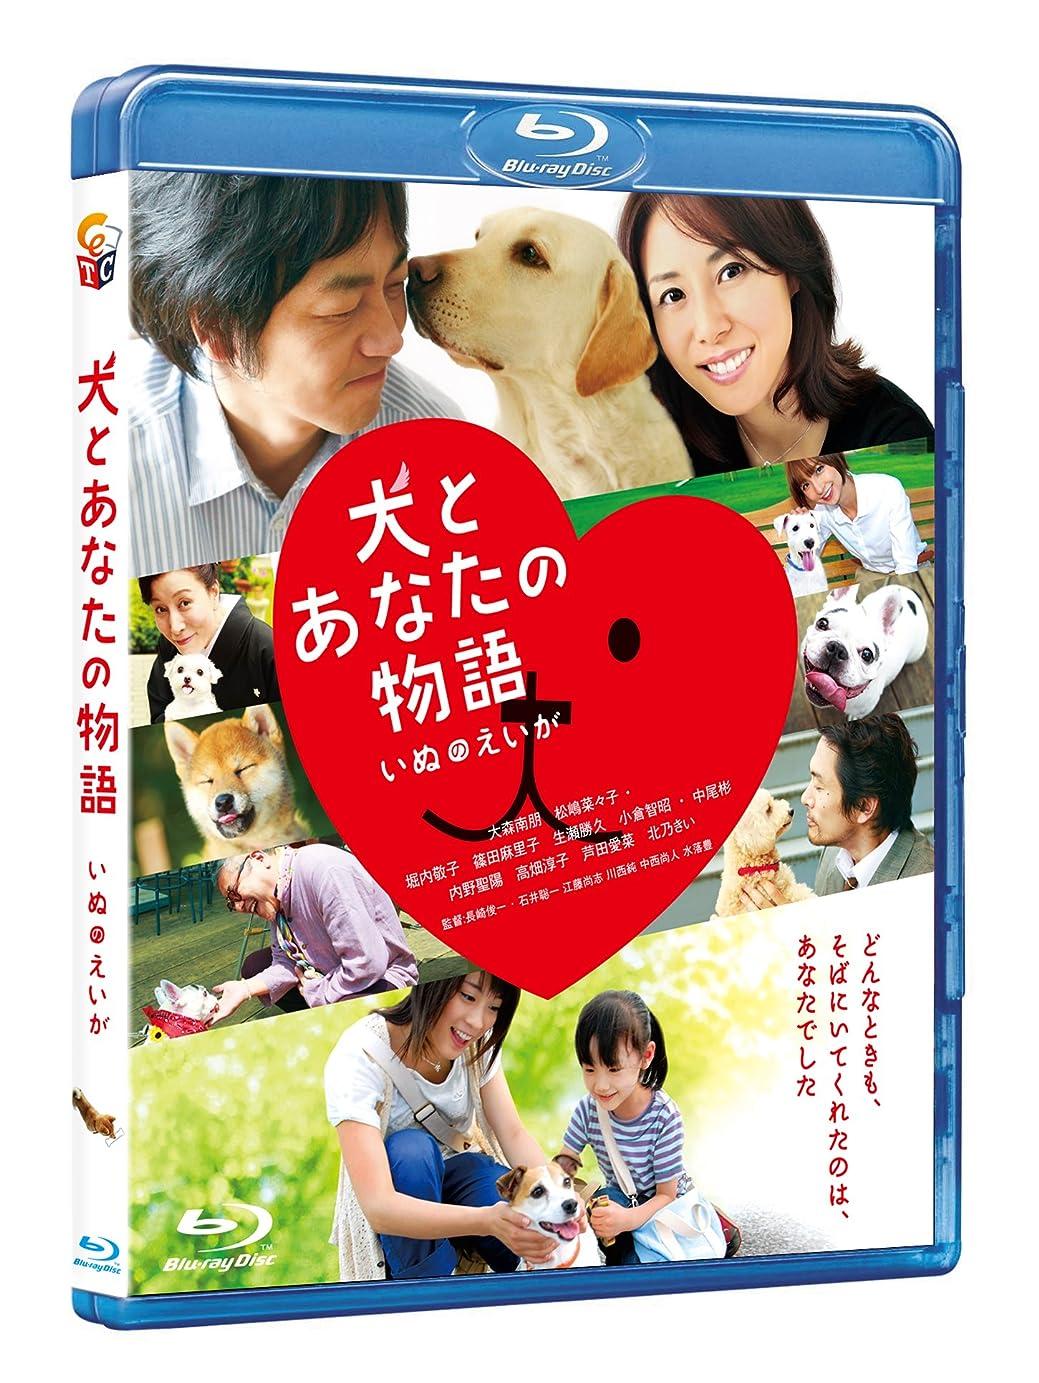 デンプシー原始的な不正犬とあなたの物語 いぬのえいが Blu-ray